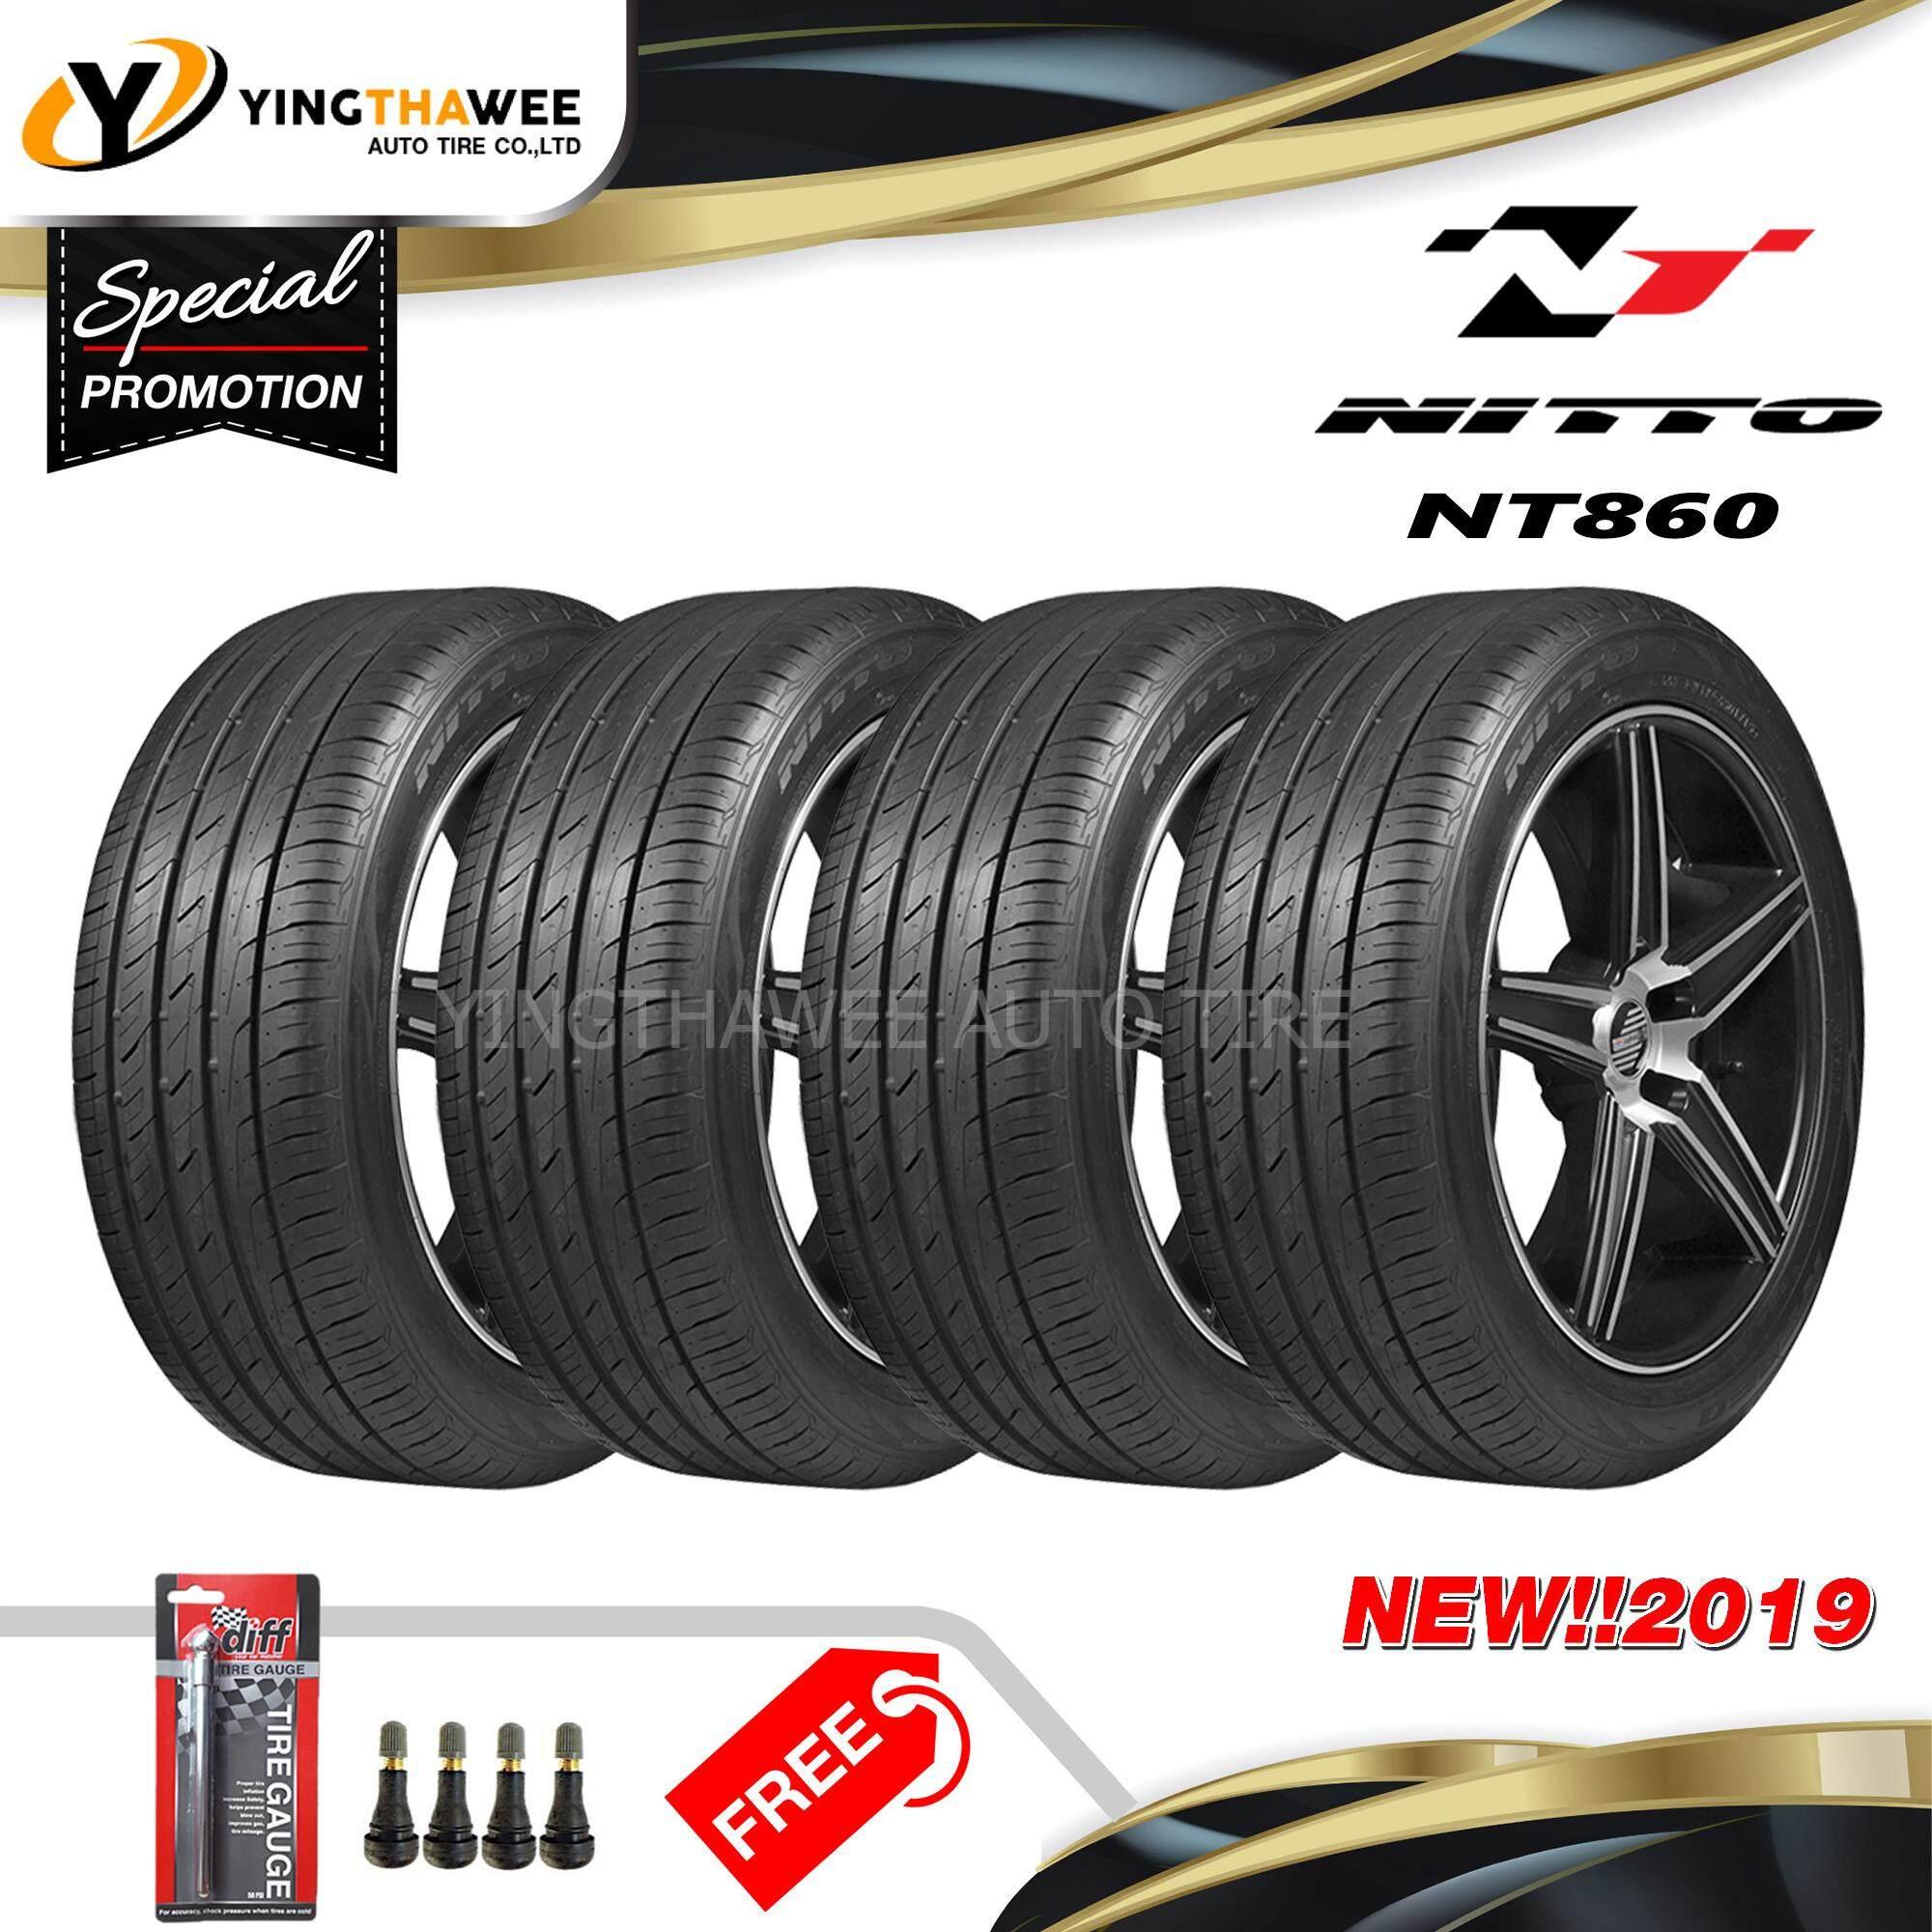 ประกันภัย รถยนต์ 2+ กาญจนบุรี NITTO ยางรถยนต์ 185/55R15 รุ่น NT860  4 เส้น (ปี 2019) แถมจุ๊บลมยางแกนทองเหลือง 4 ตัว + เกจวัดลมยาง 1 ตัว